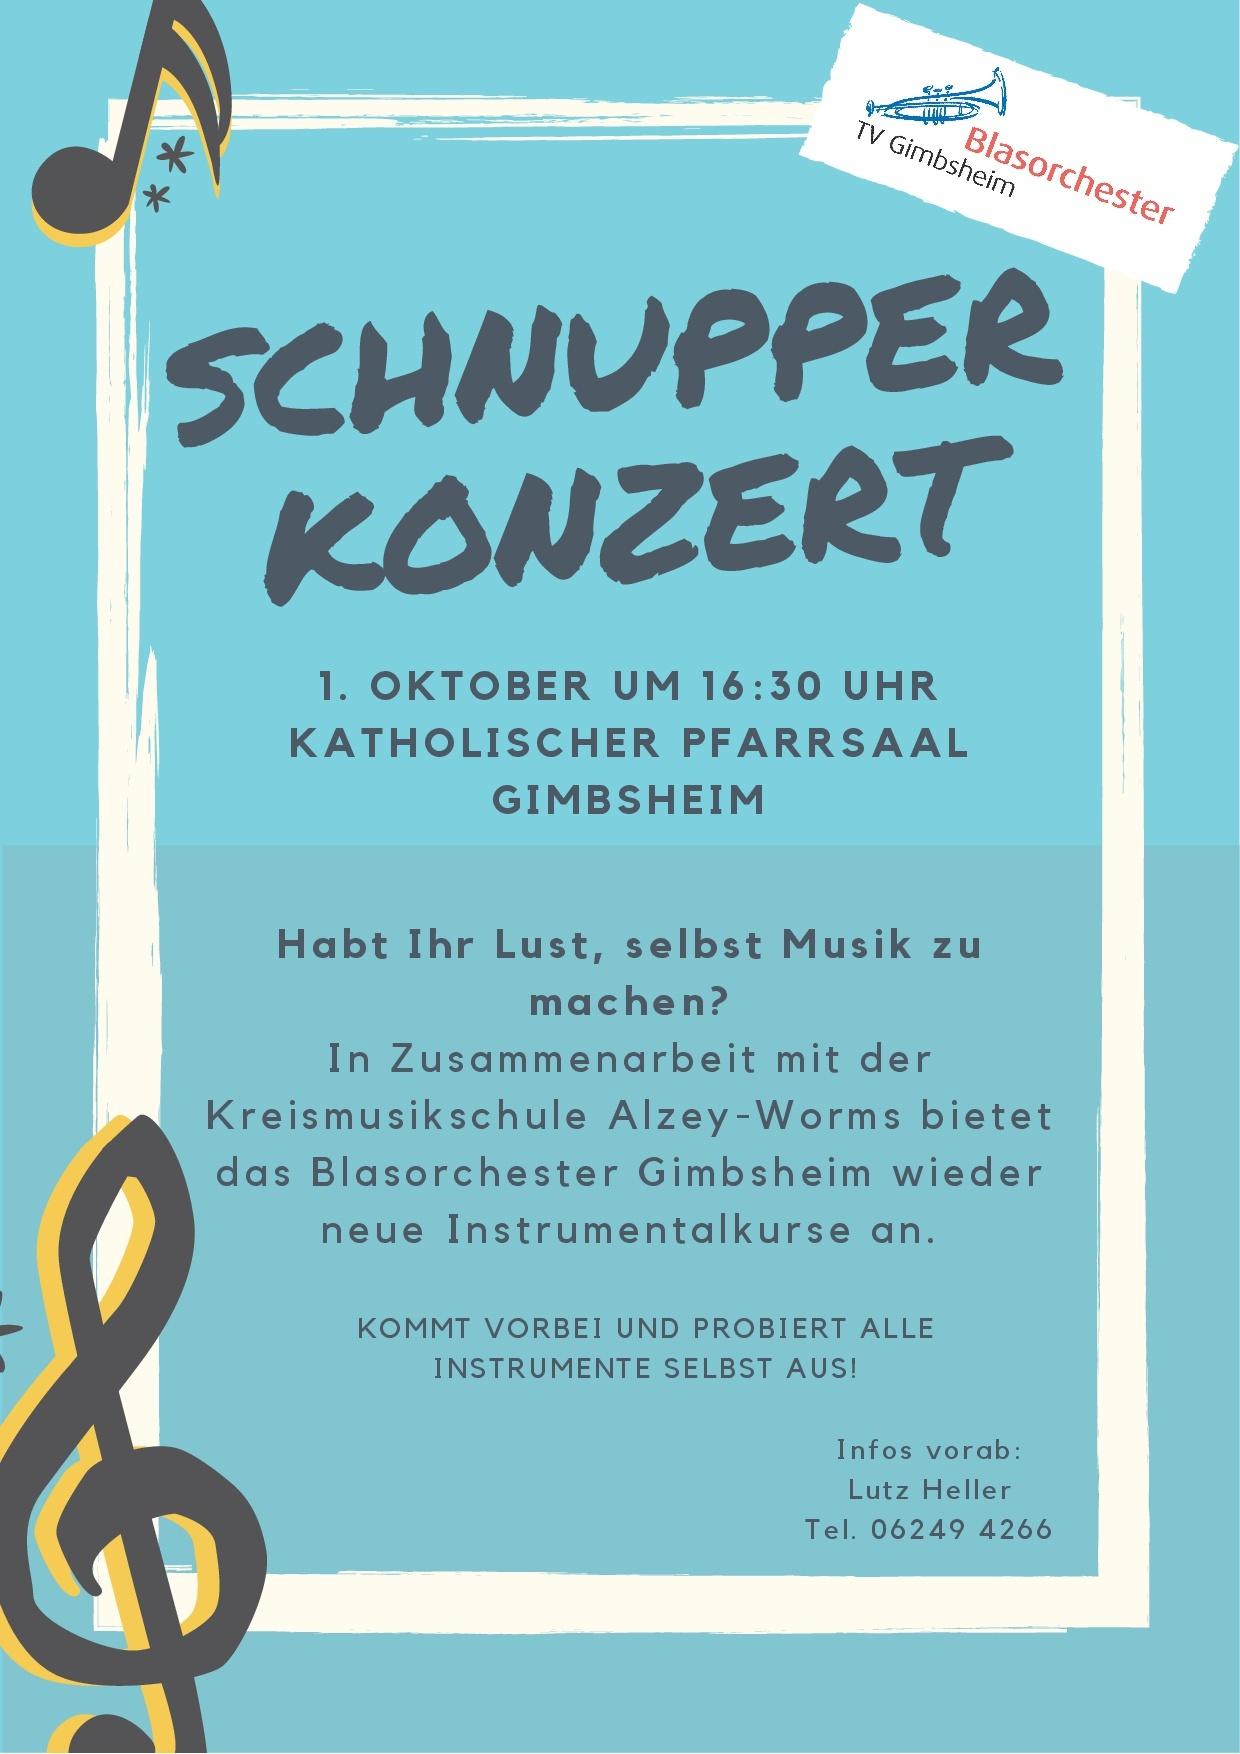 Schnupperkonzert_2016 (1)